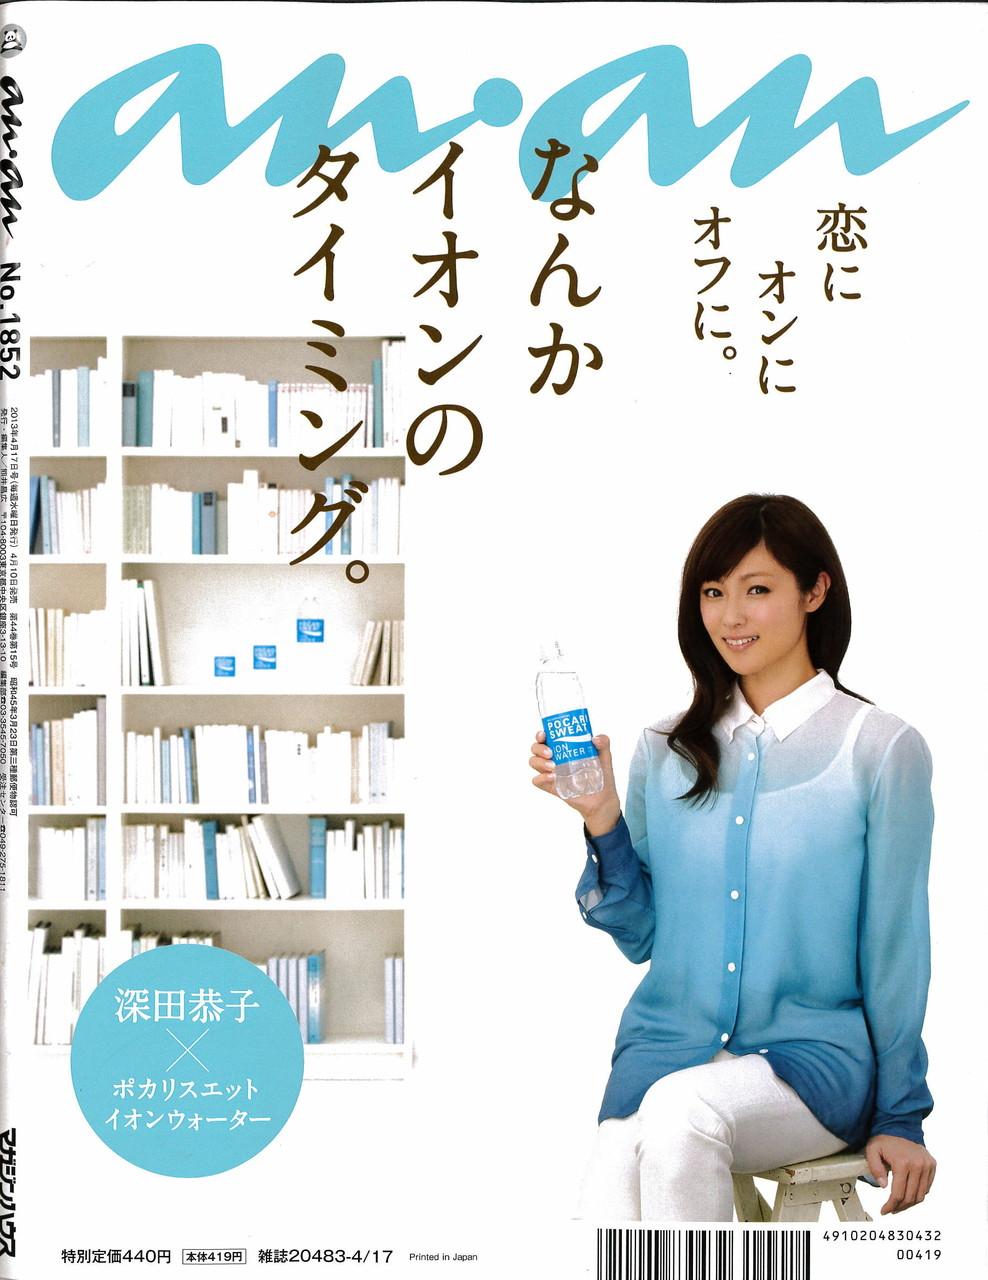 深田恭子 Kyoko Fukada x POCARI SWEAT ION WATER 8